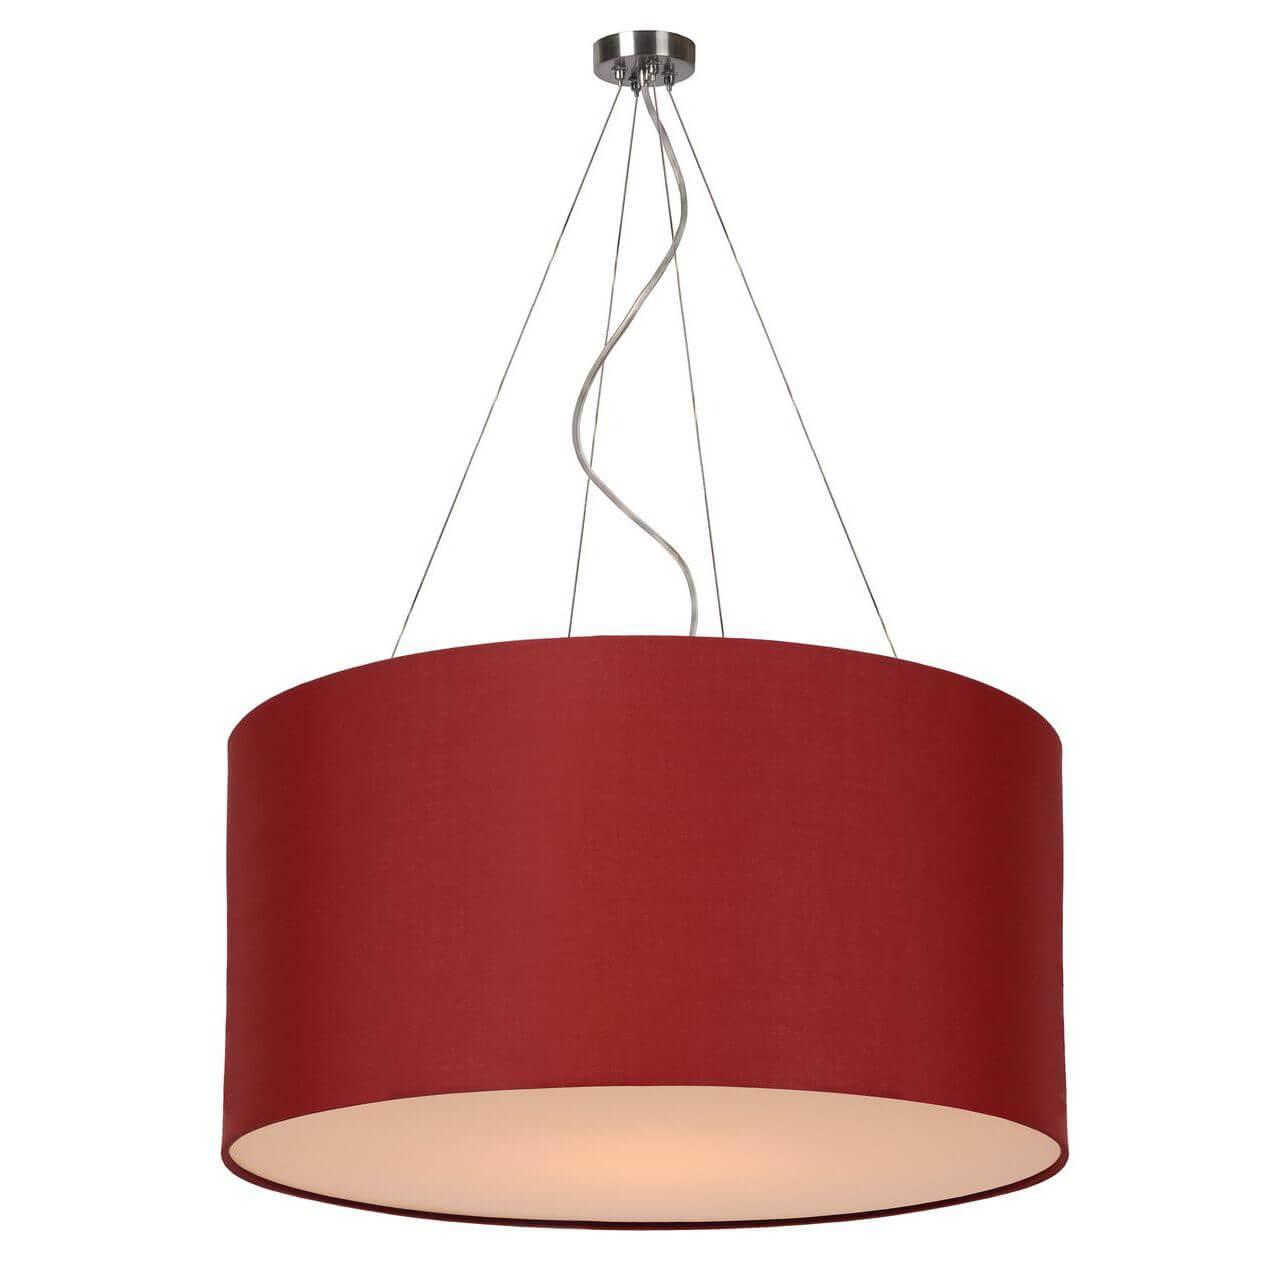 лучшая цена Подвесной светильник АртПром Crocus Glade S3 01 03